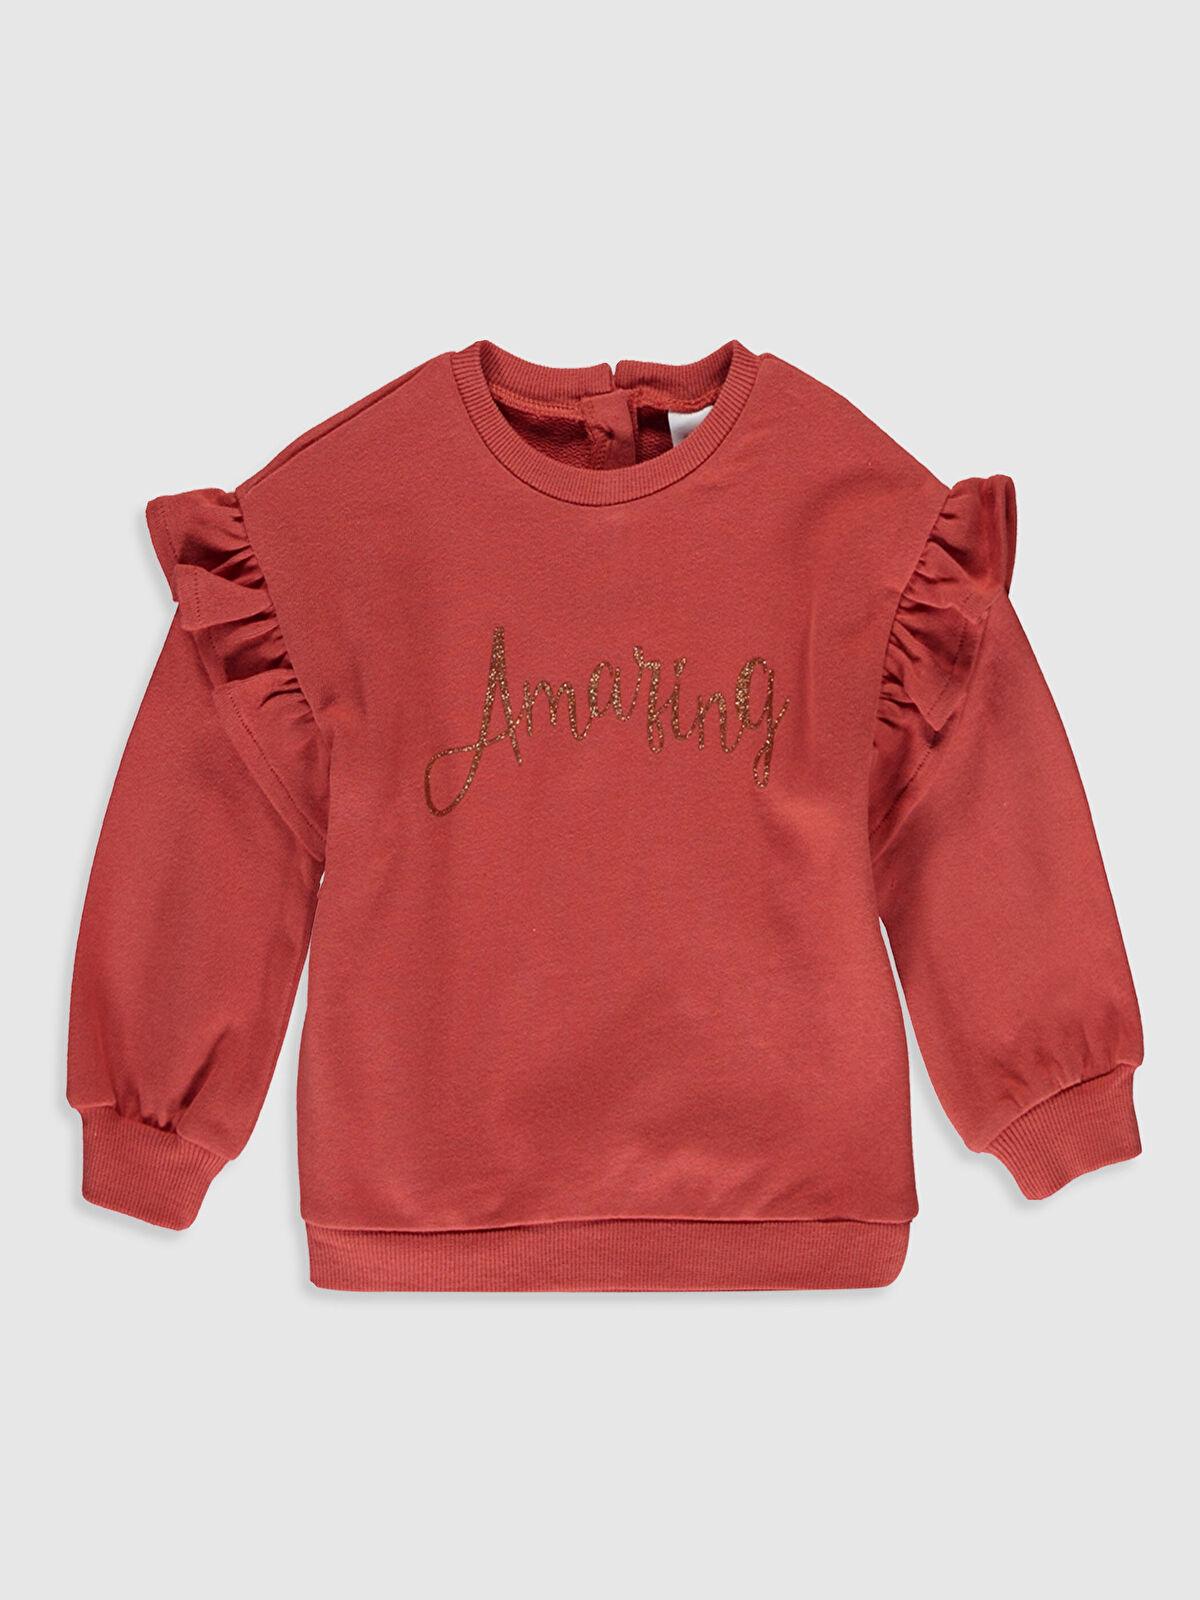 Kız Bebek Yazı Baskılı Sweatshirt - LC WAIKIKI